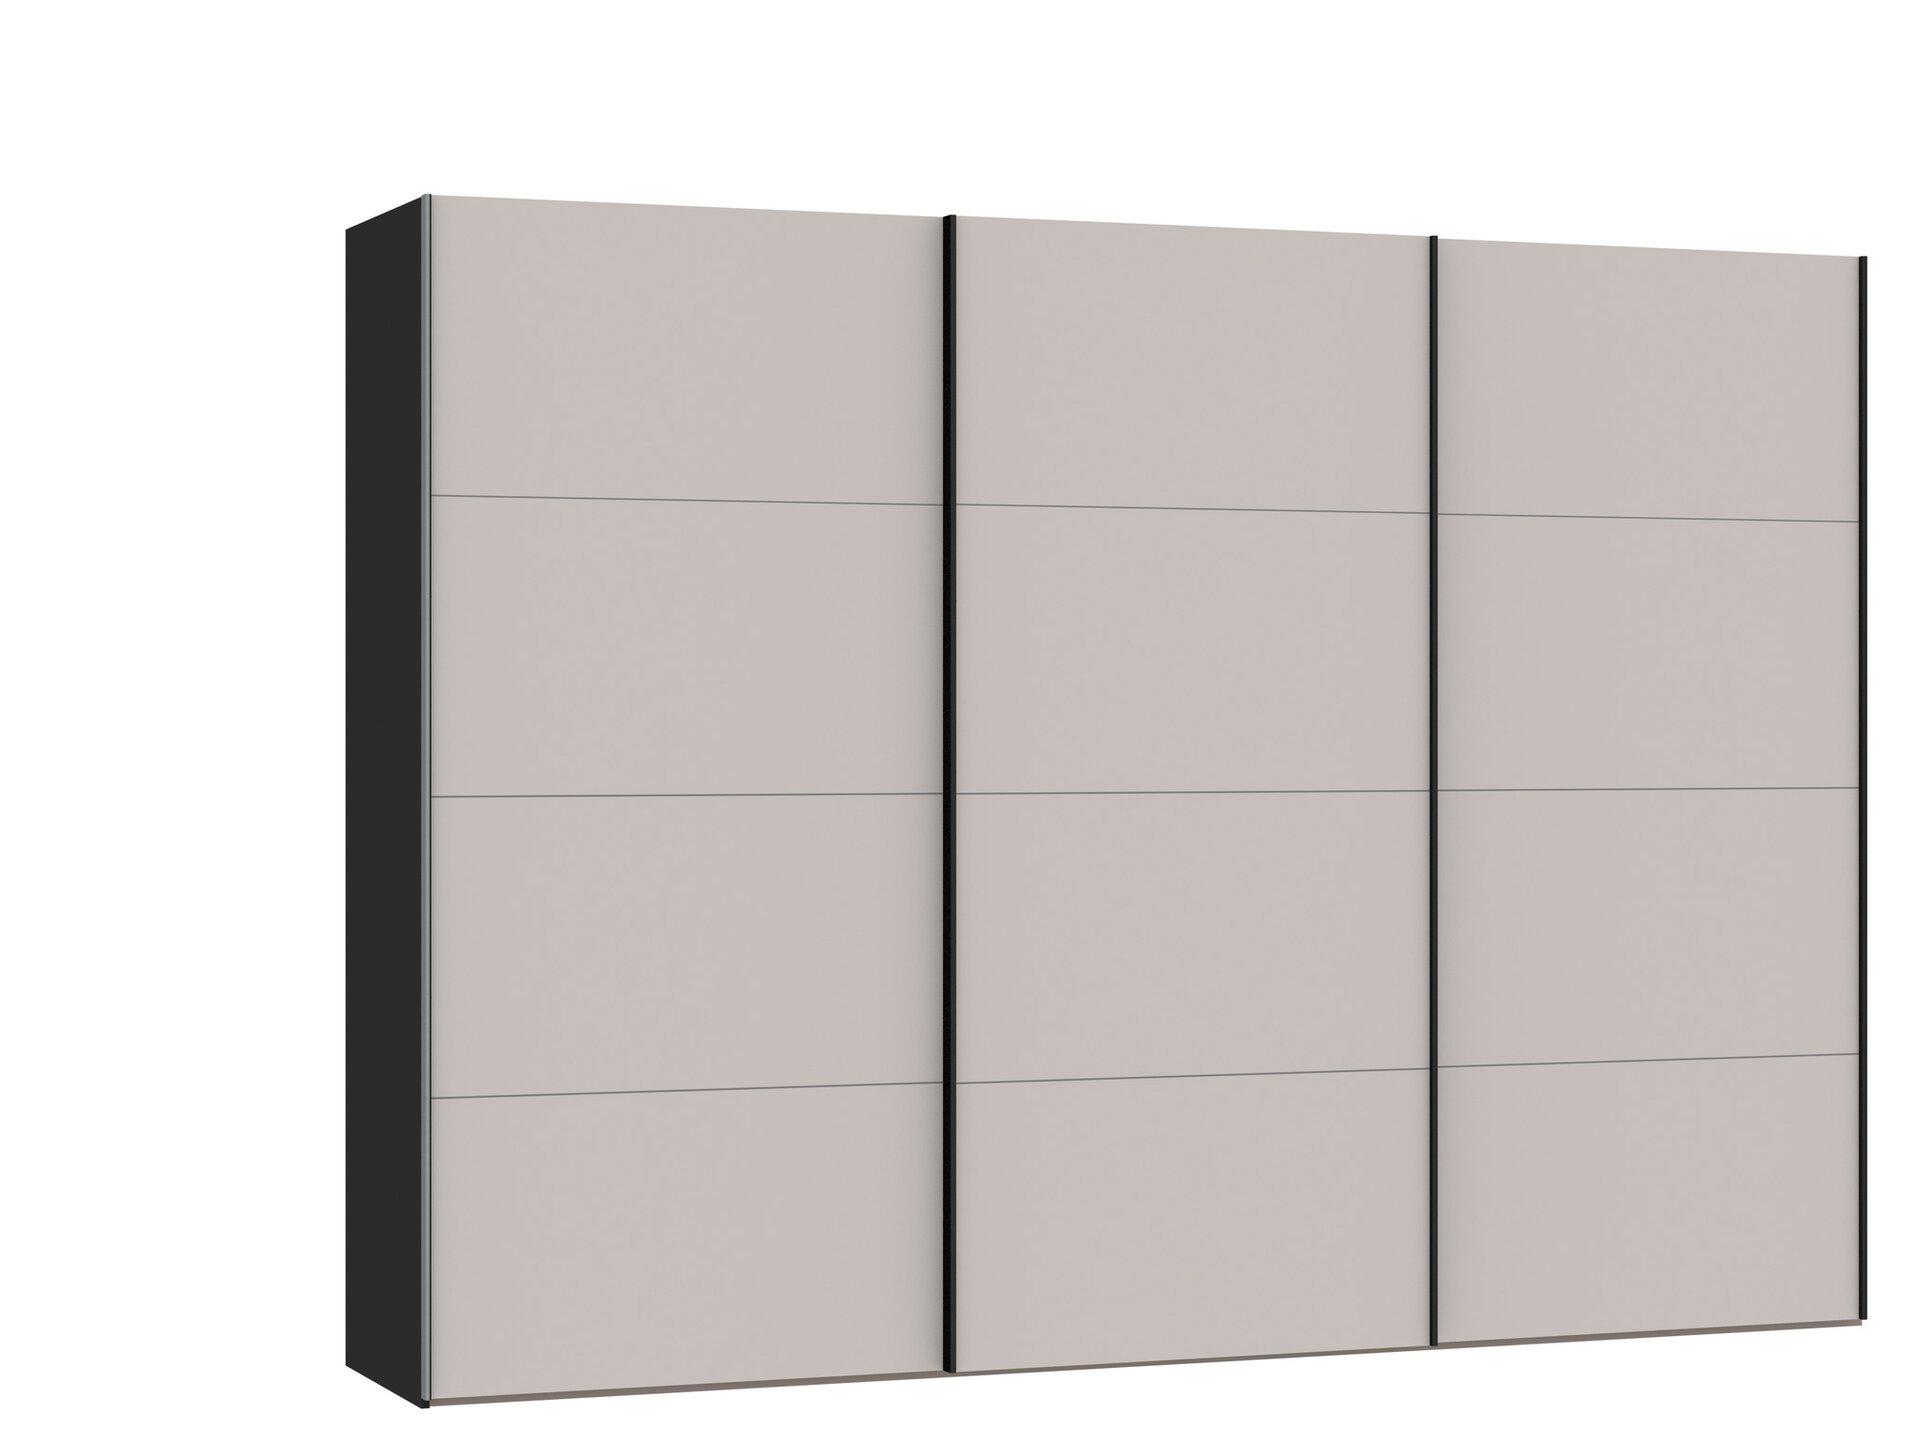 Schwebetürenschrank RIALTO SET ONE set One by Musterring Holzwerkstoff 65 x 220 x 303 cm